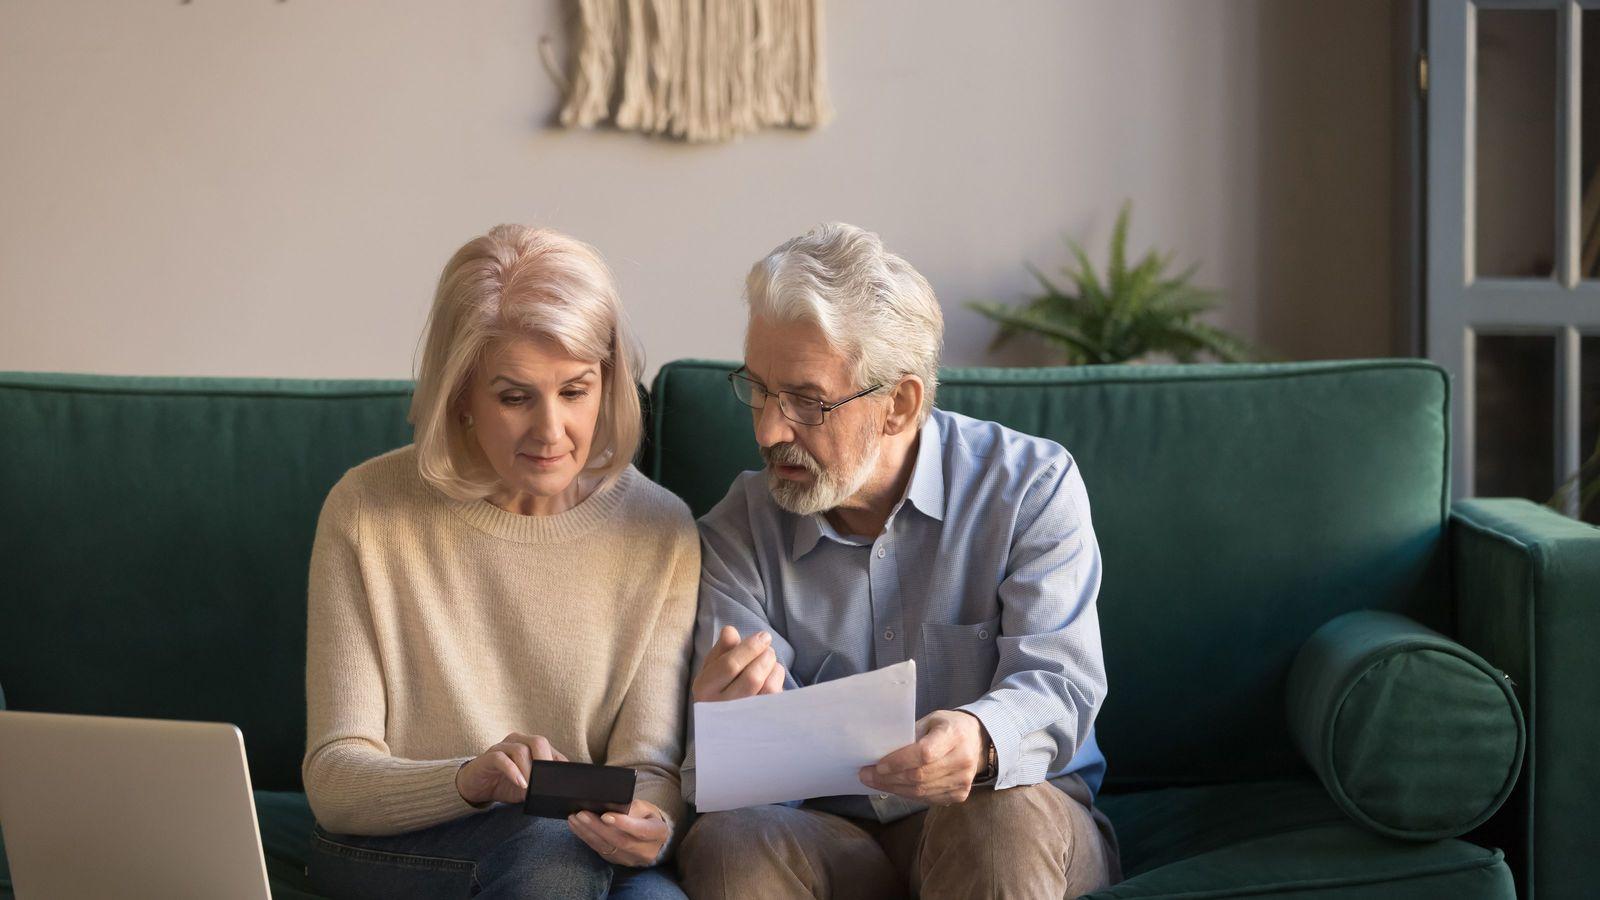 定年後に「持ち家を売った」年金暮らし夫婦たちの悲惨すぎる末路 「老後の住み替え」には大リスクが